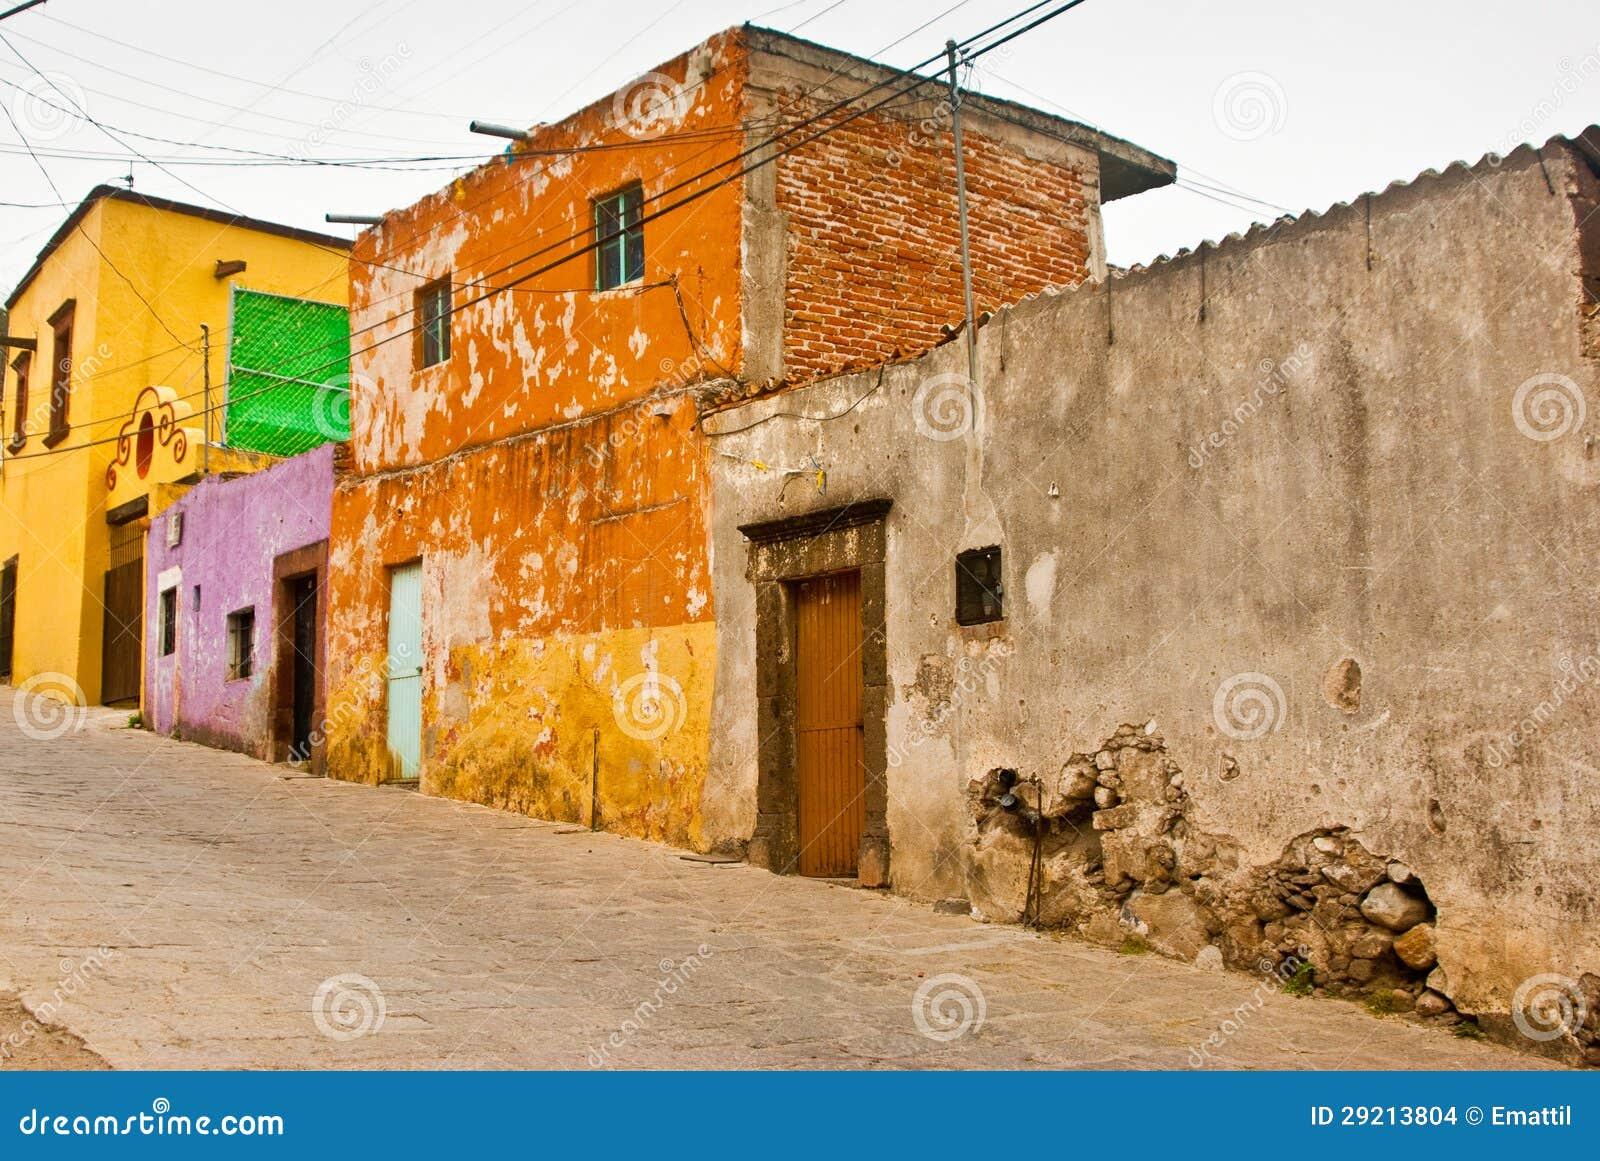 Casas mexicanas del grunge foto de archivo imagen de - Imagen de casas ...